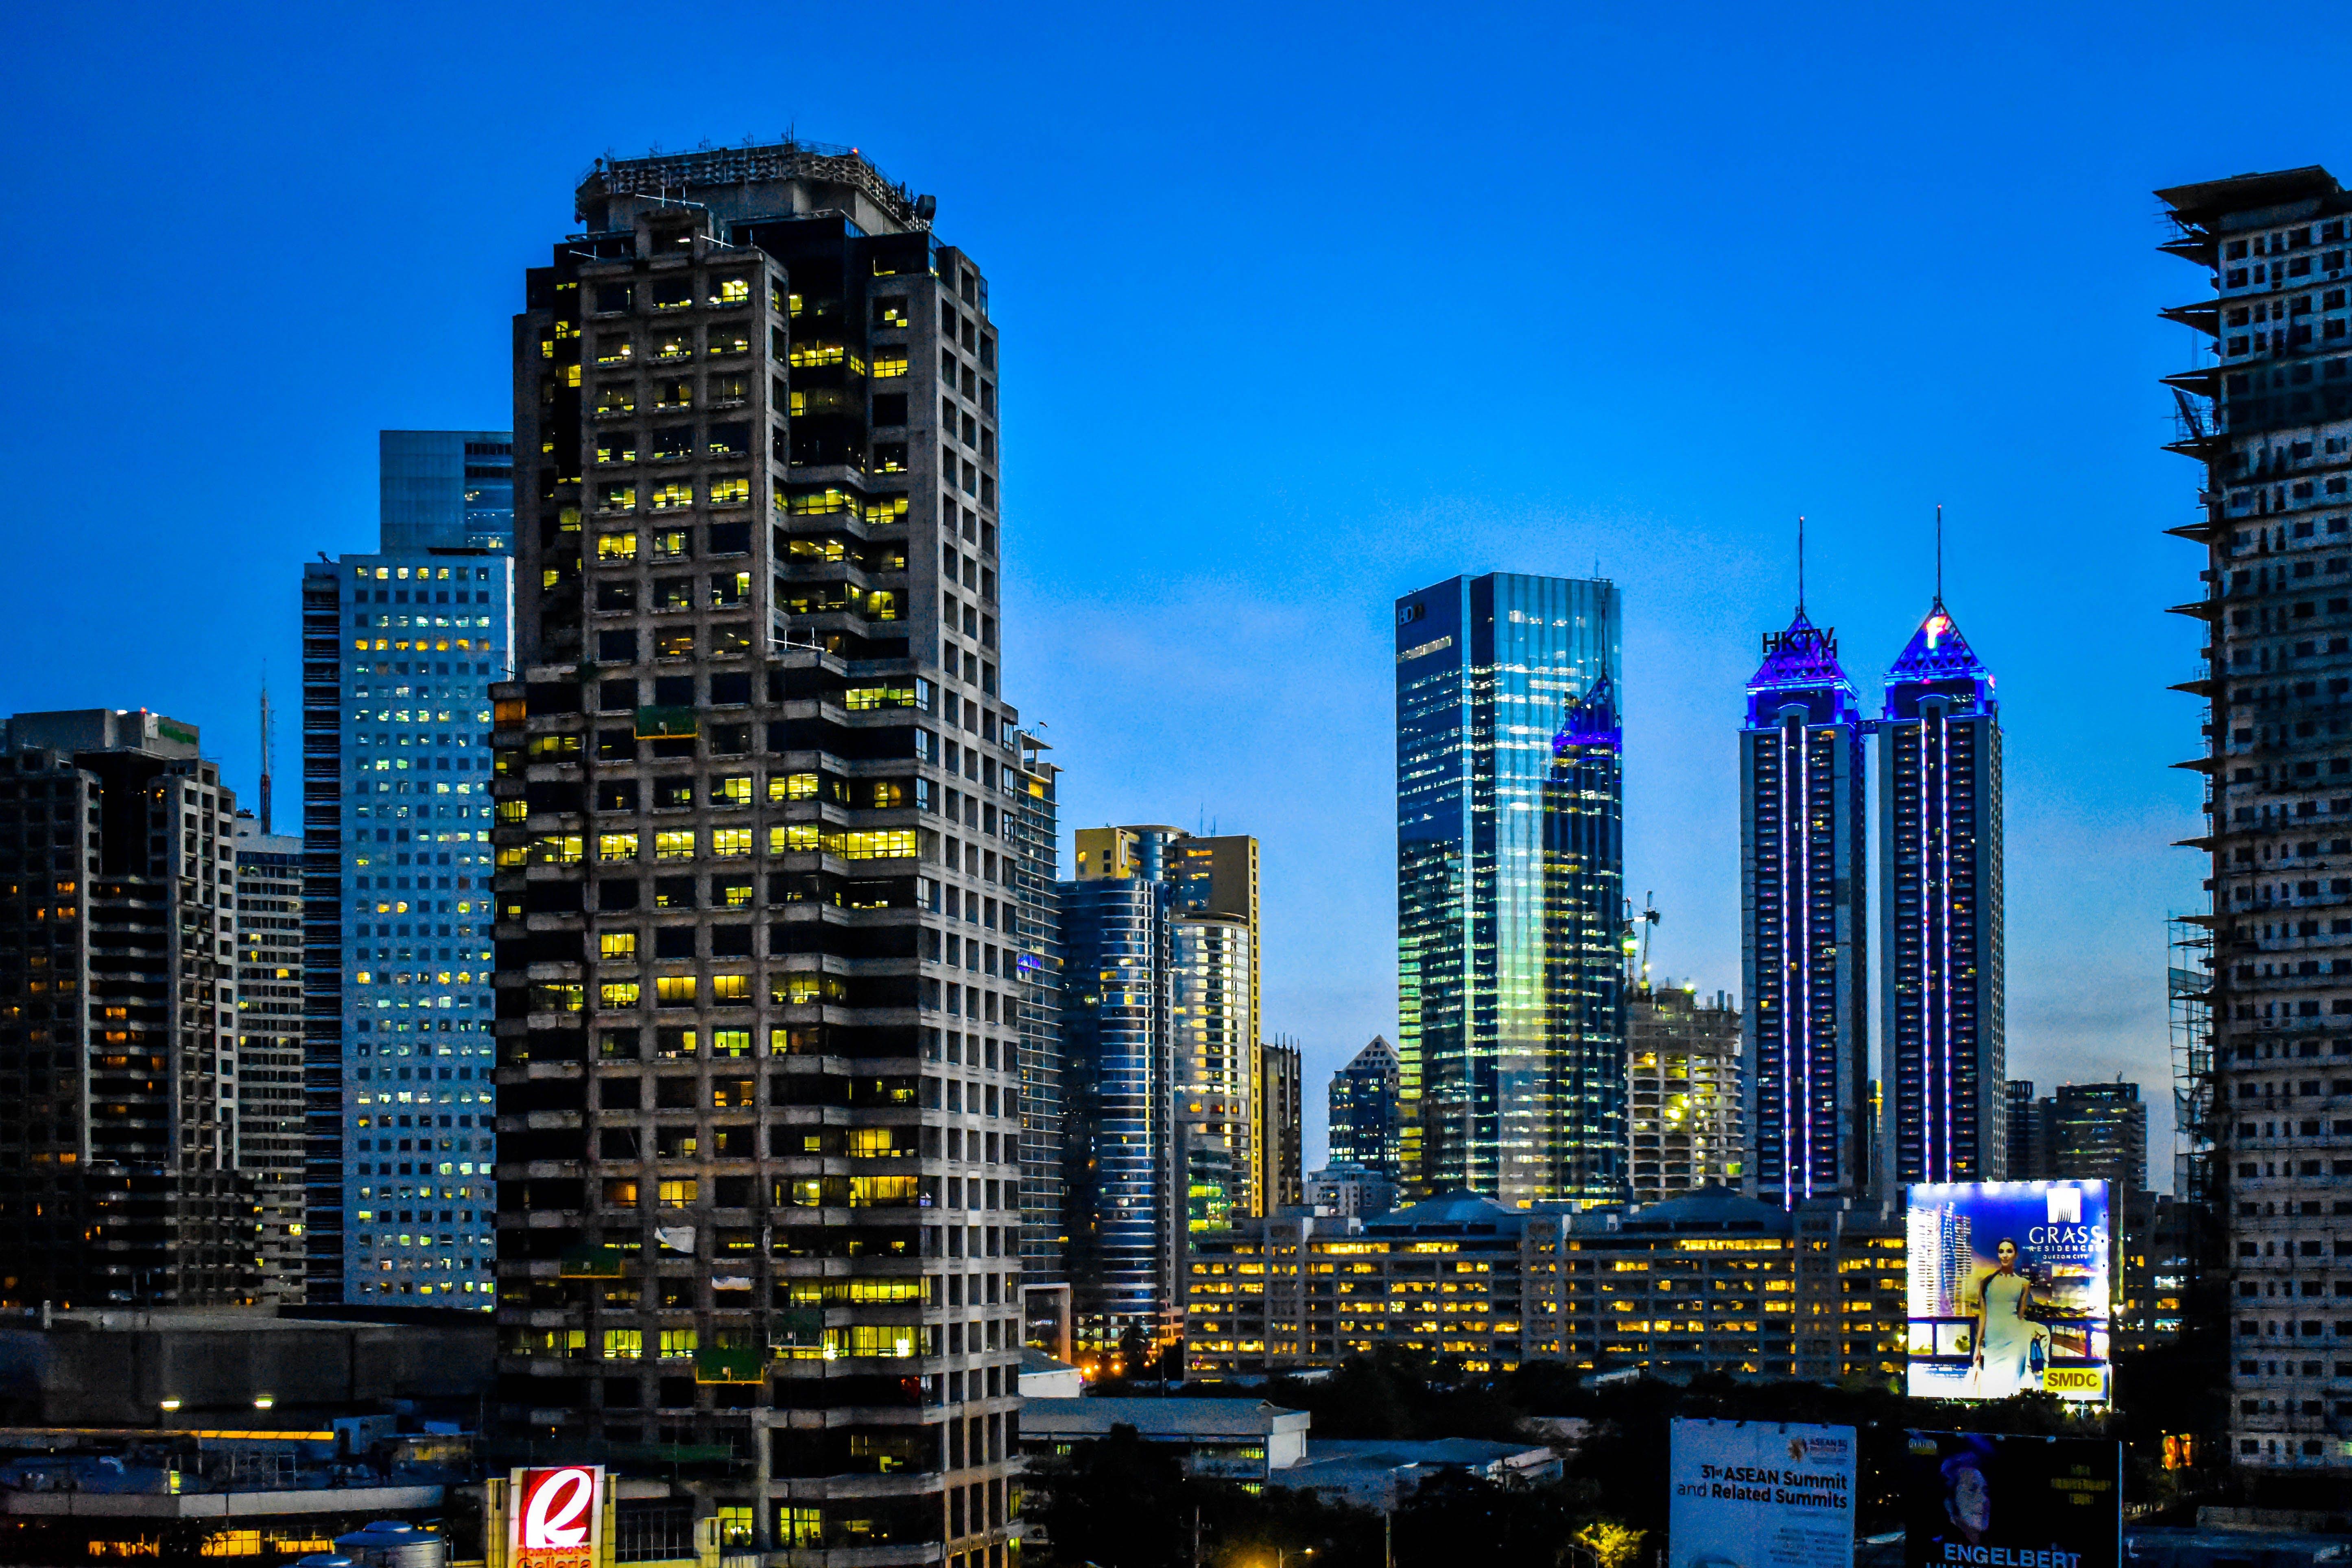 Gratis stockfoto met architectueel design, architectuur, binnenstad, blauwe lucht